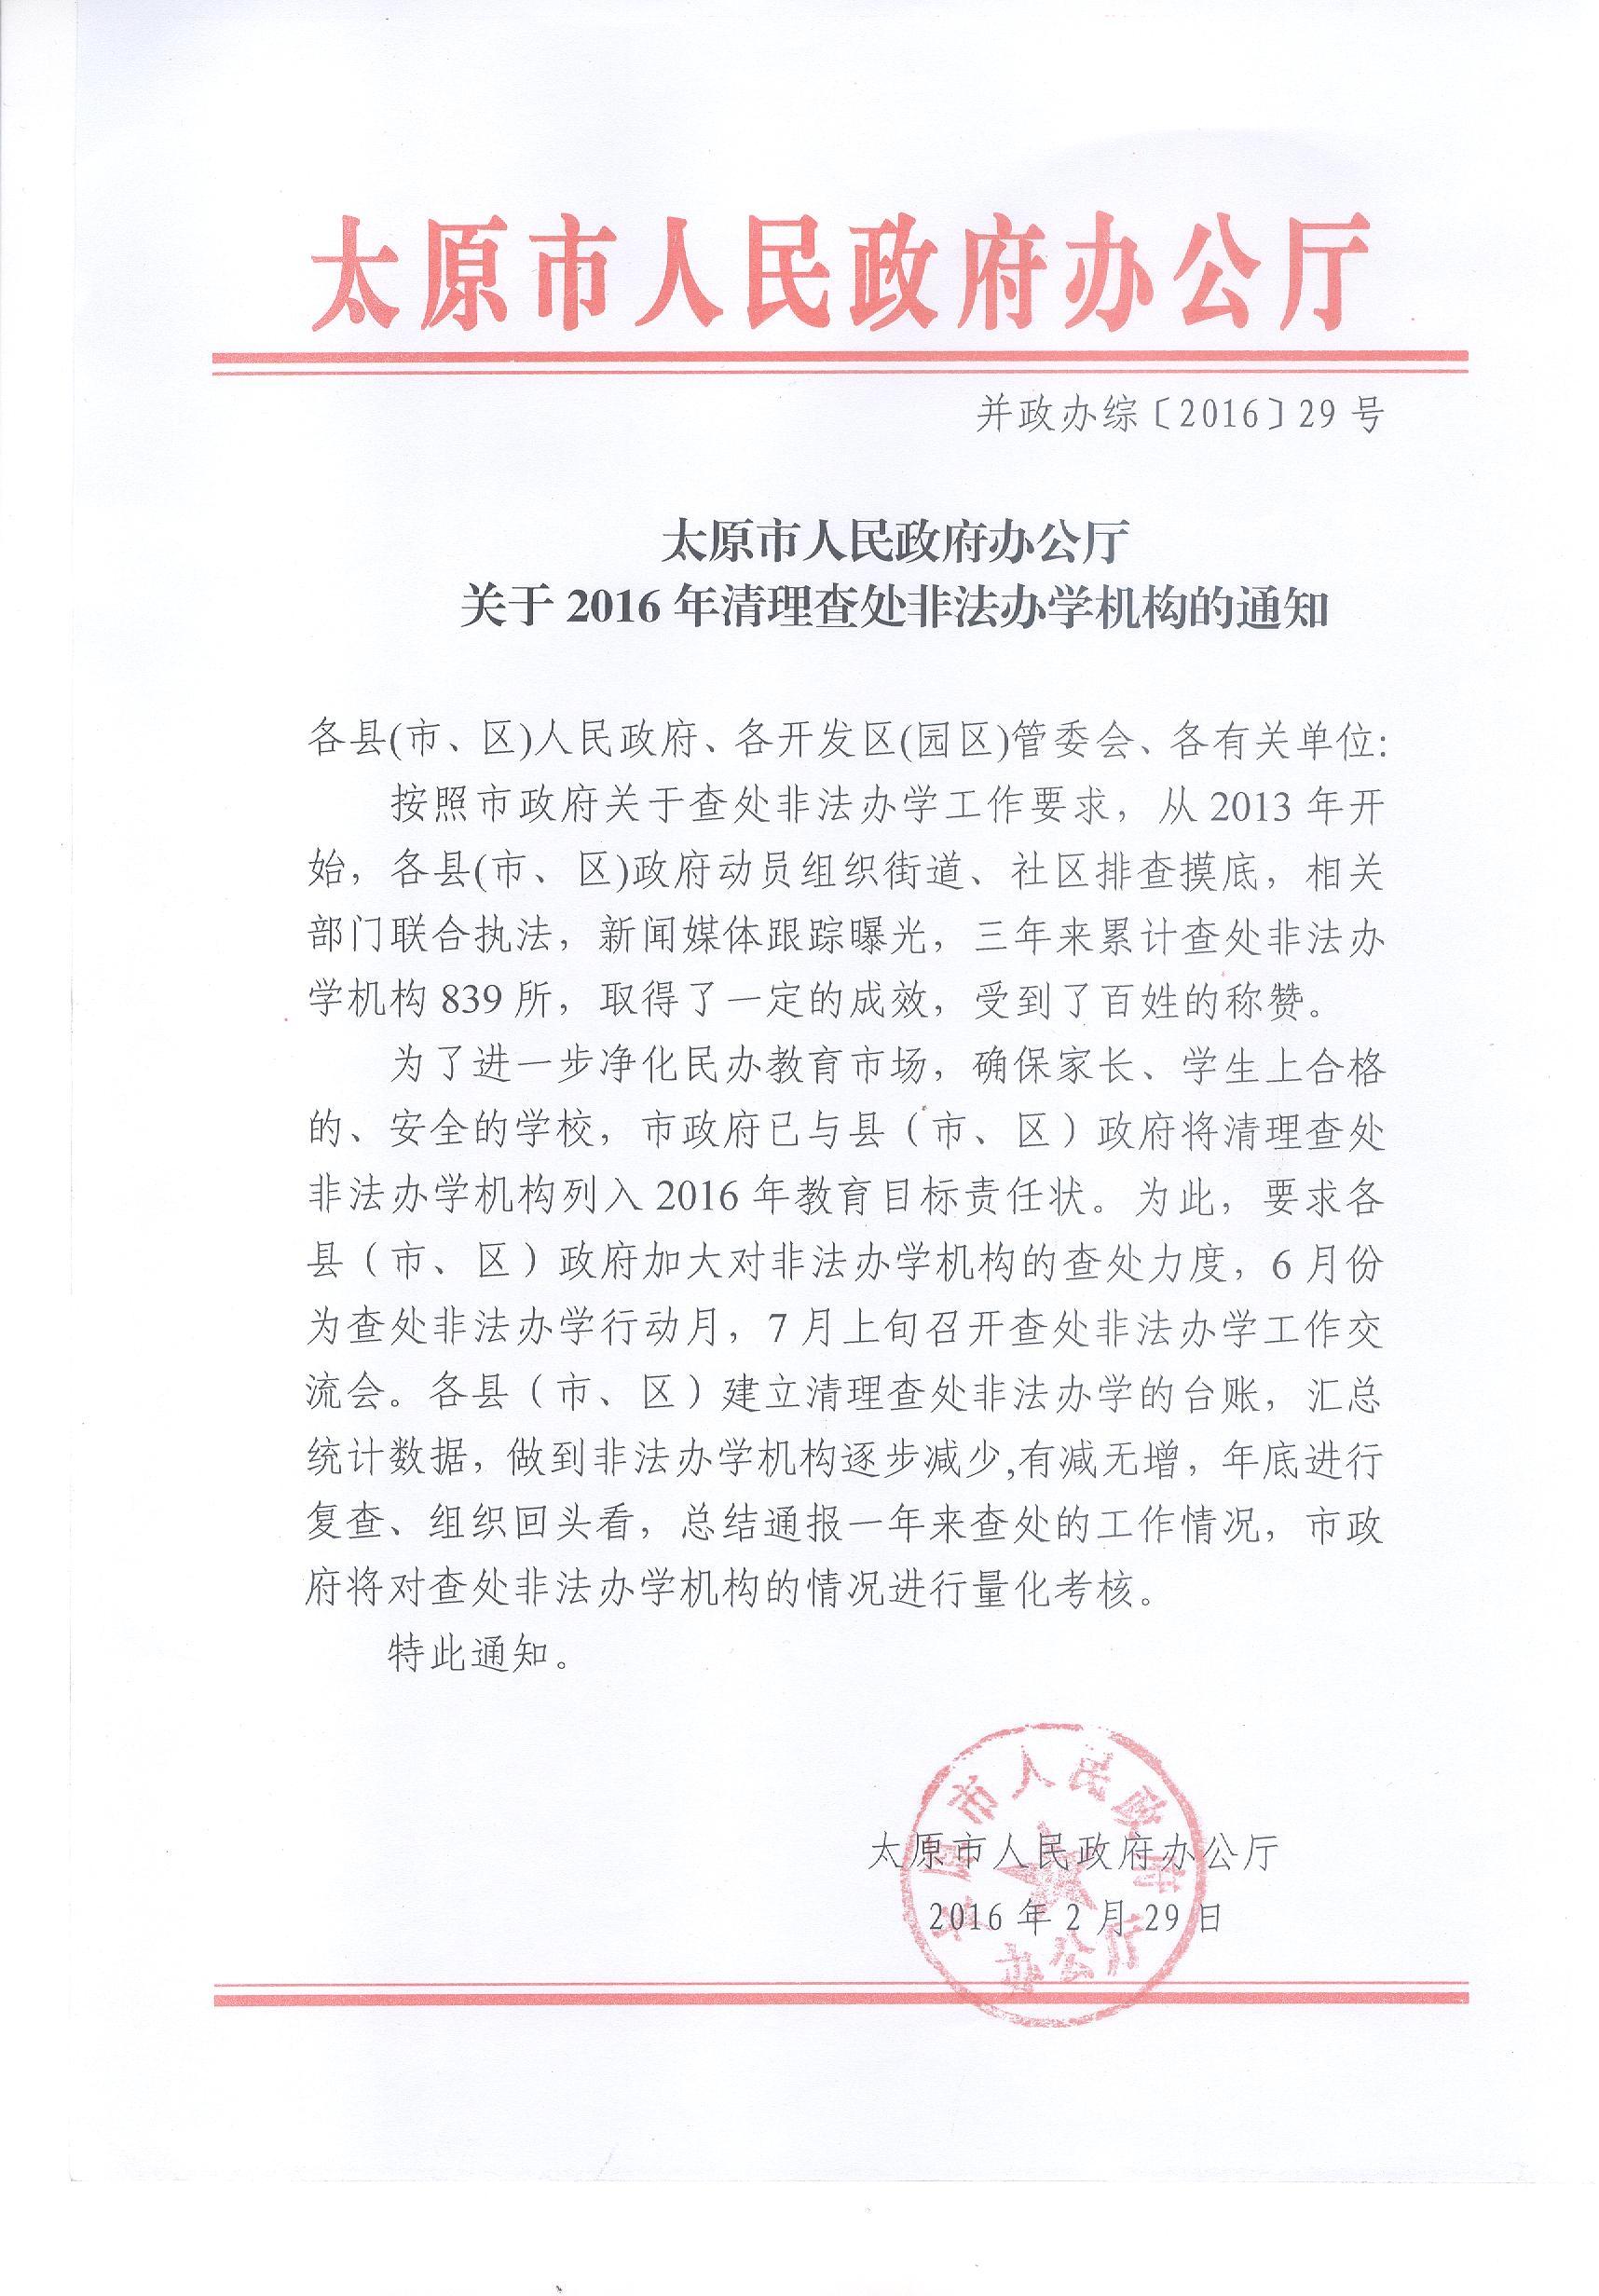 太原市人民政府办公厅关于2016年清理查处非